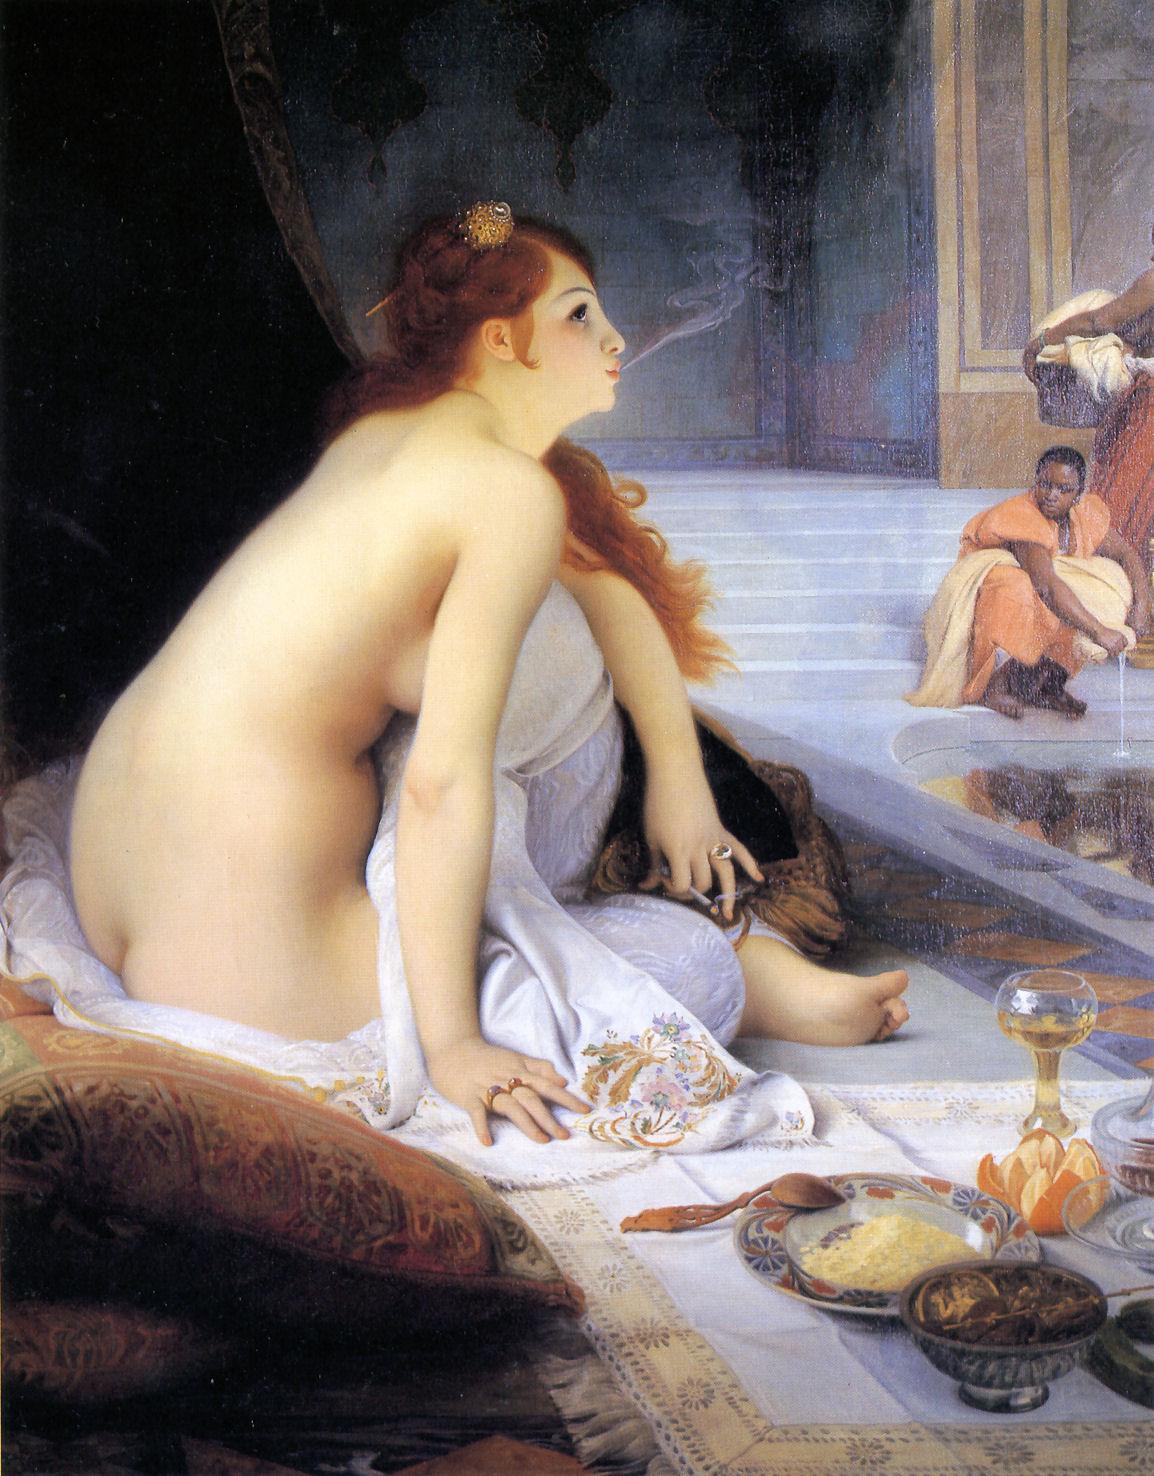 http://3.bp.blogspot.com/-t80E0BTWmoU/TogCAEhg4uI/AAAAAAAABDg/VXUDWx3WYxw/s1600/Jean-Lecomte-du-Nouy-The-White-Slave-L%25E2%2580%2599Esclave-blanche-1888.jpg